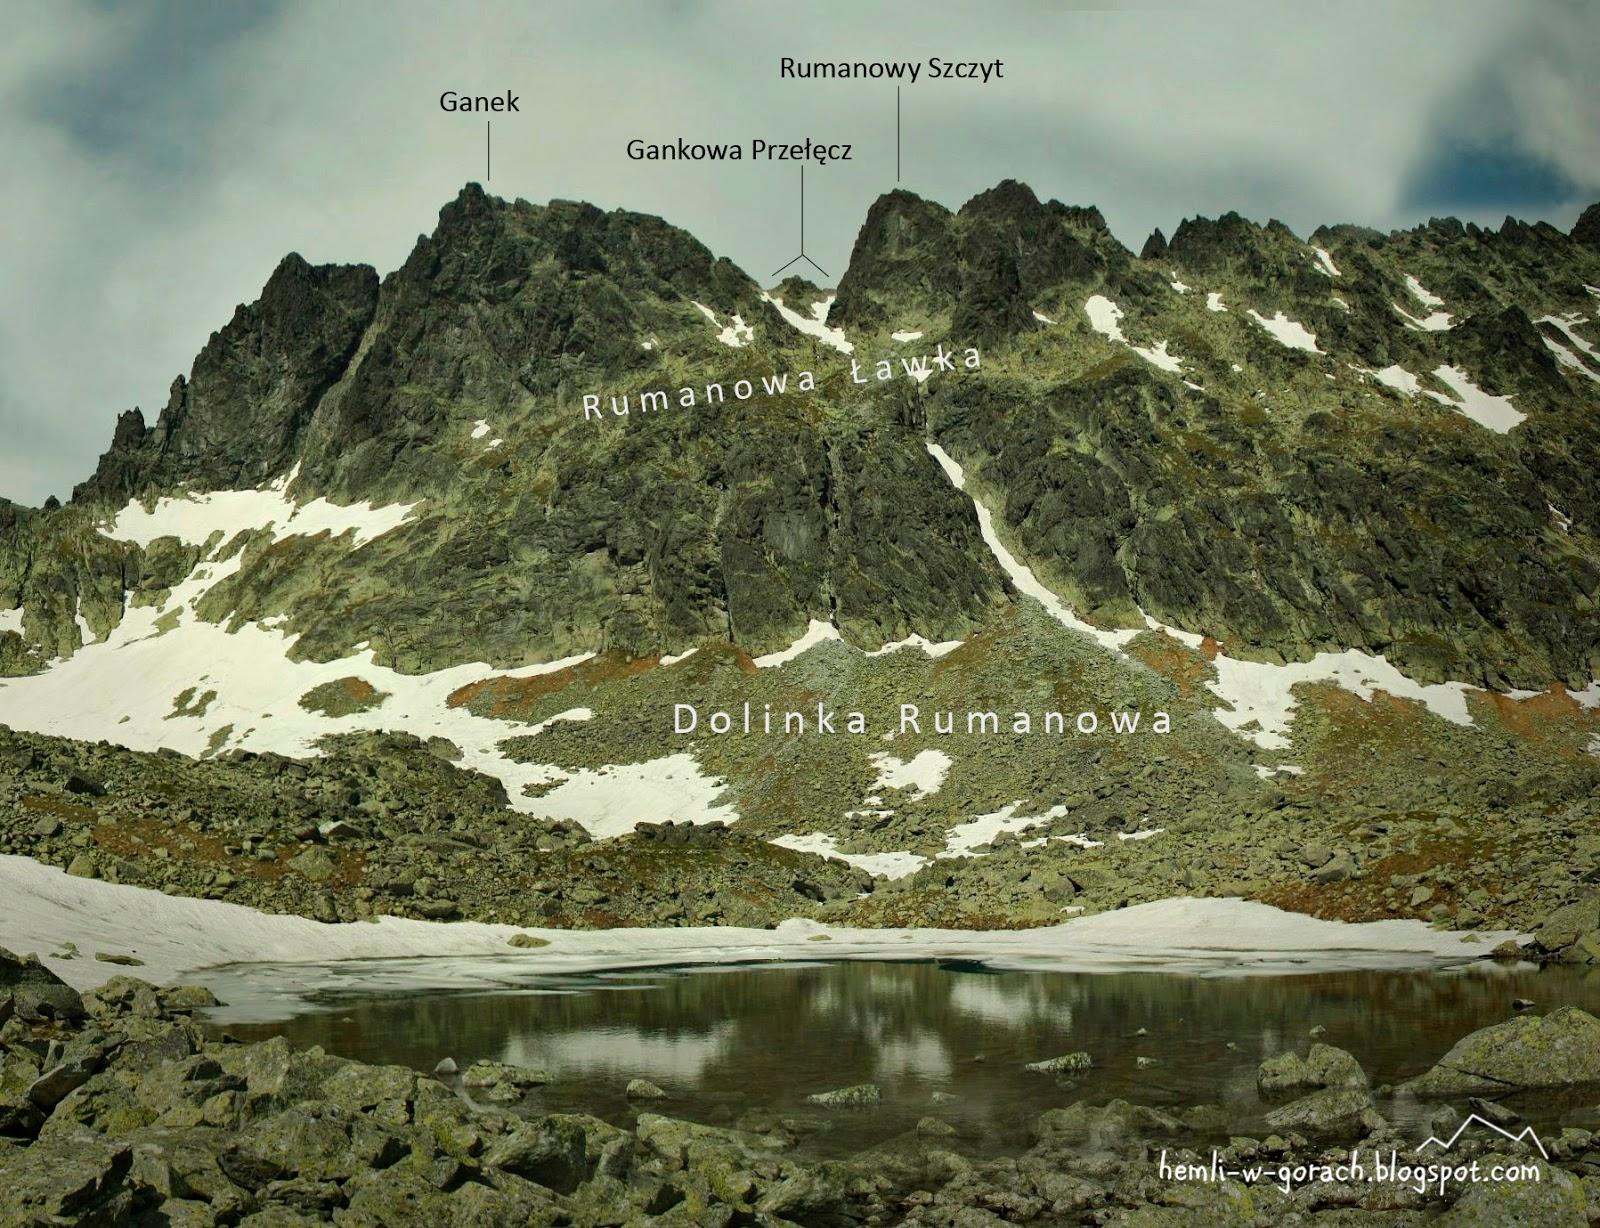 Widok na Gankową Przełęcz z Dolinki Rumanowej